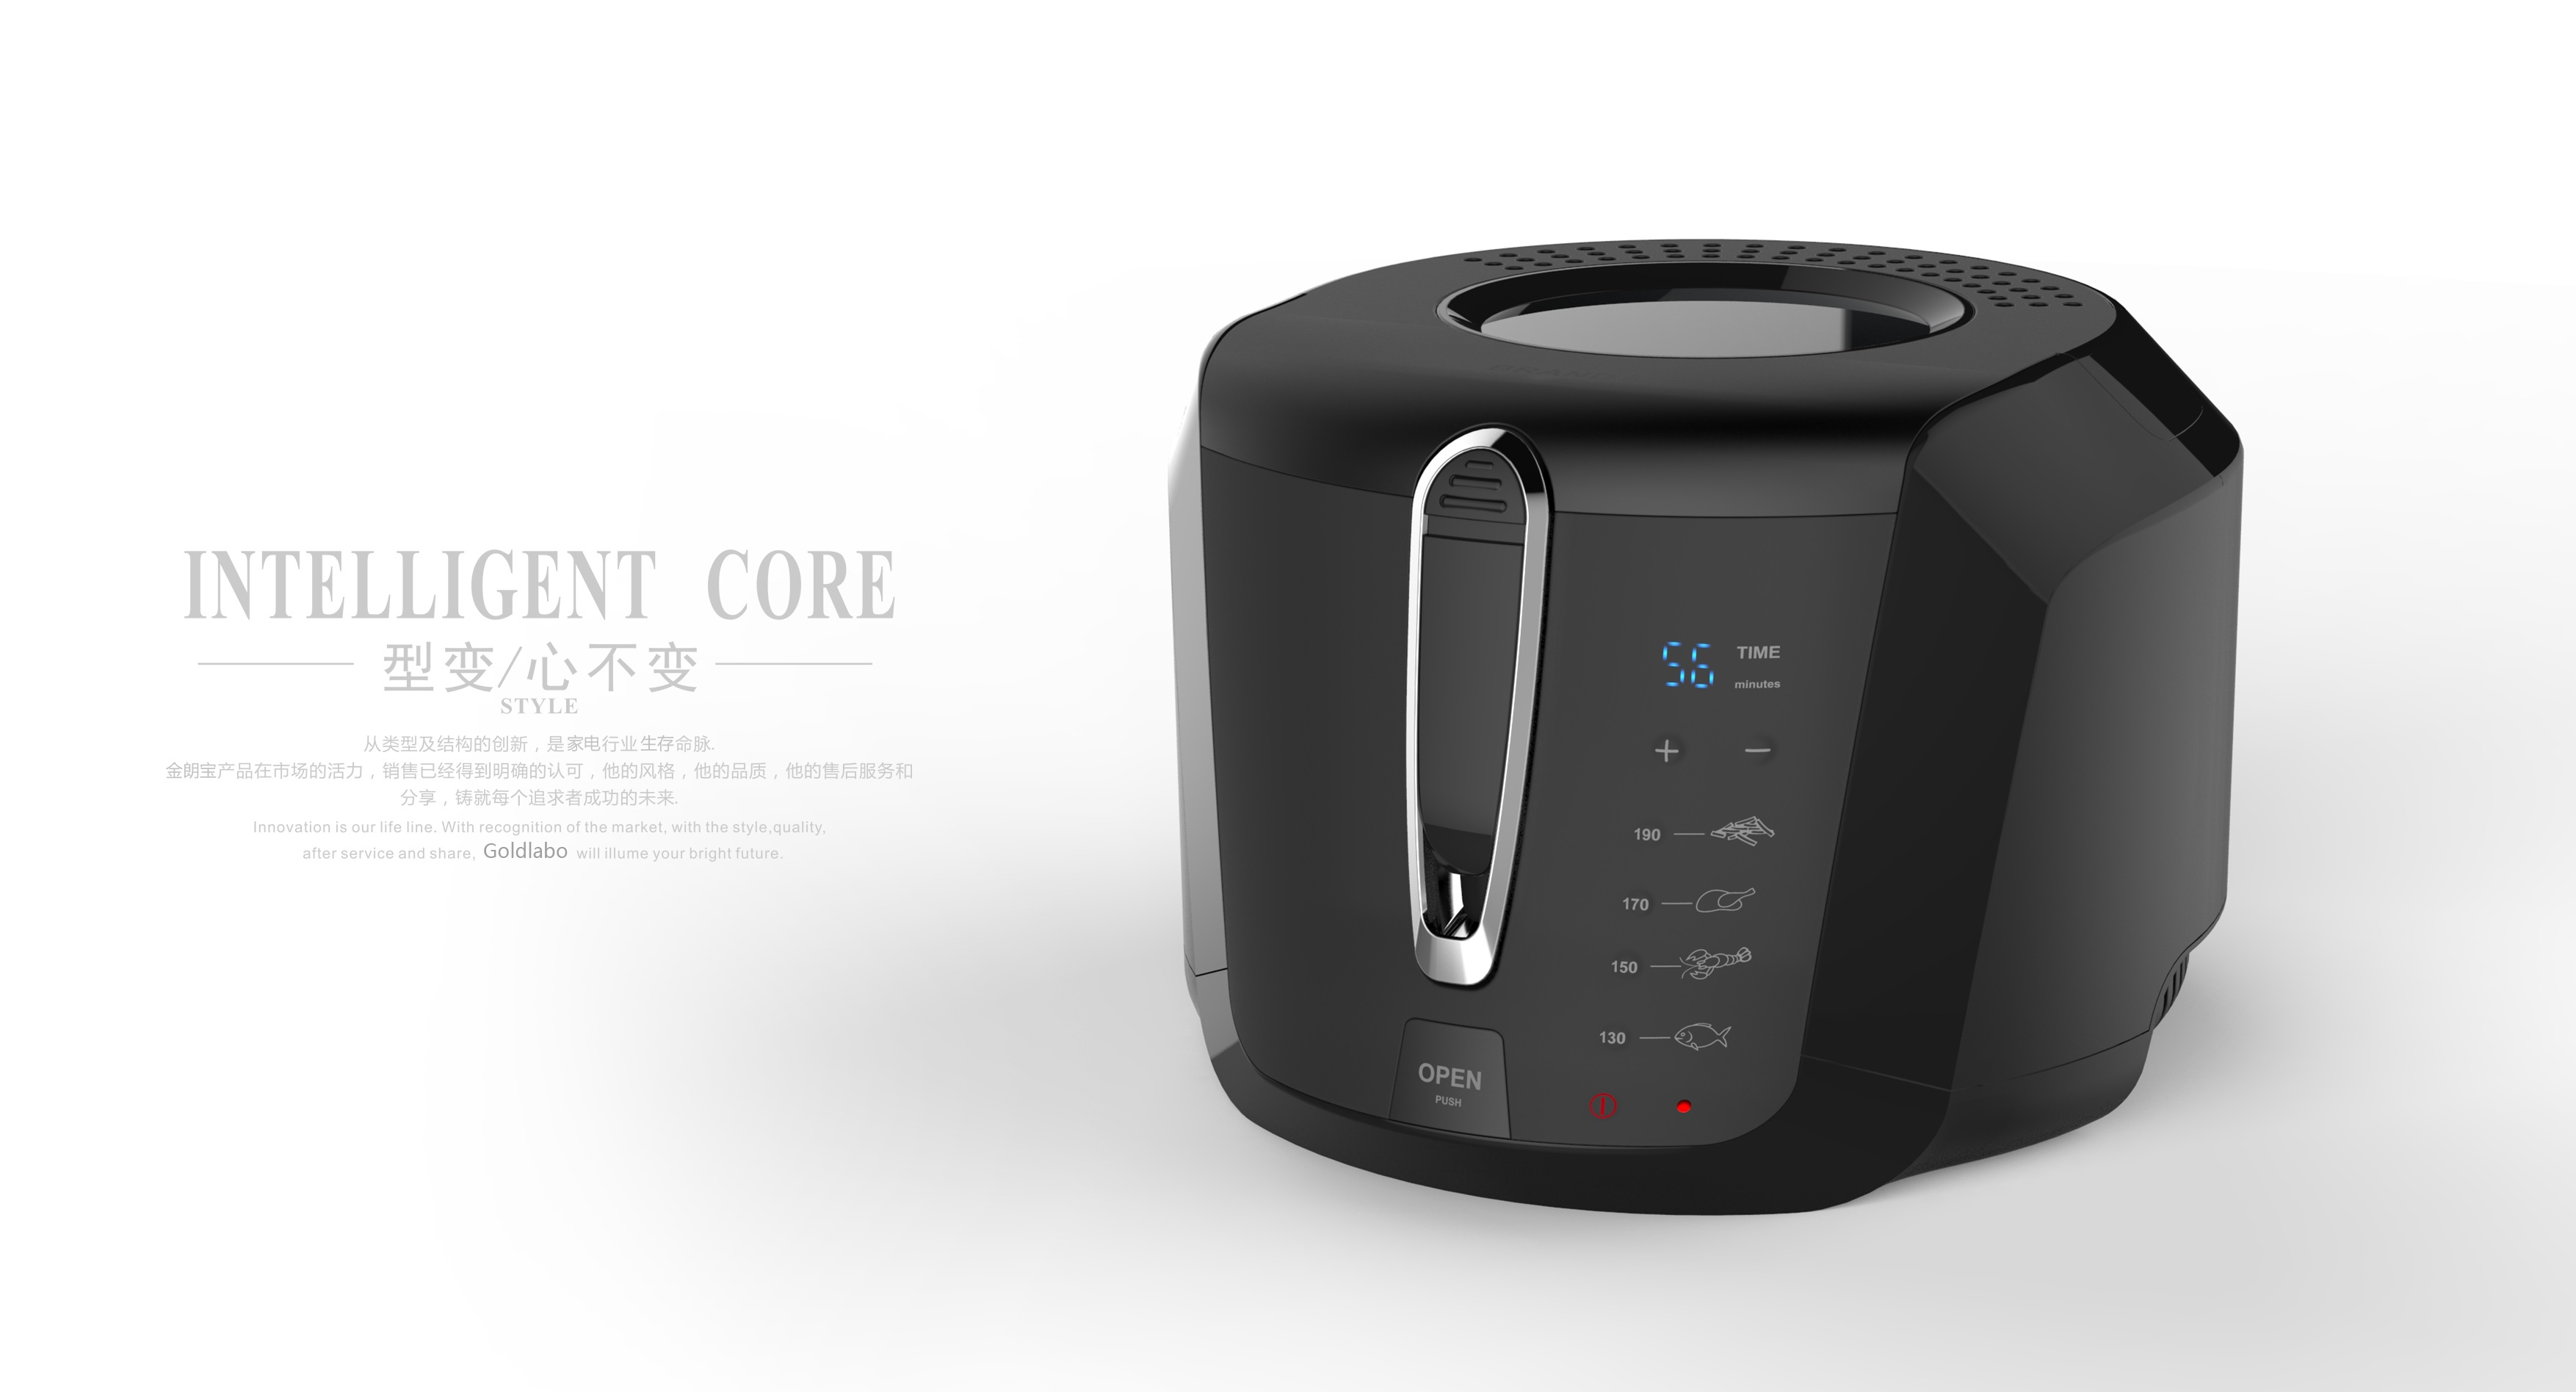 中山小家电工业设计-电饭煲设计,油炸锅设计图片